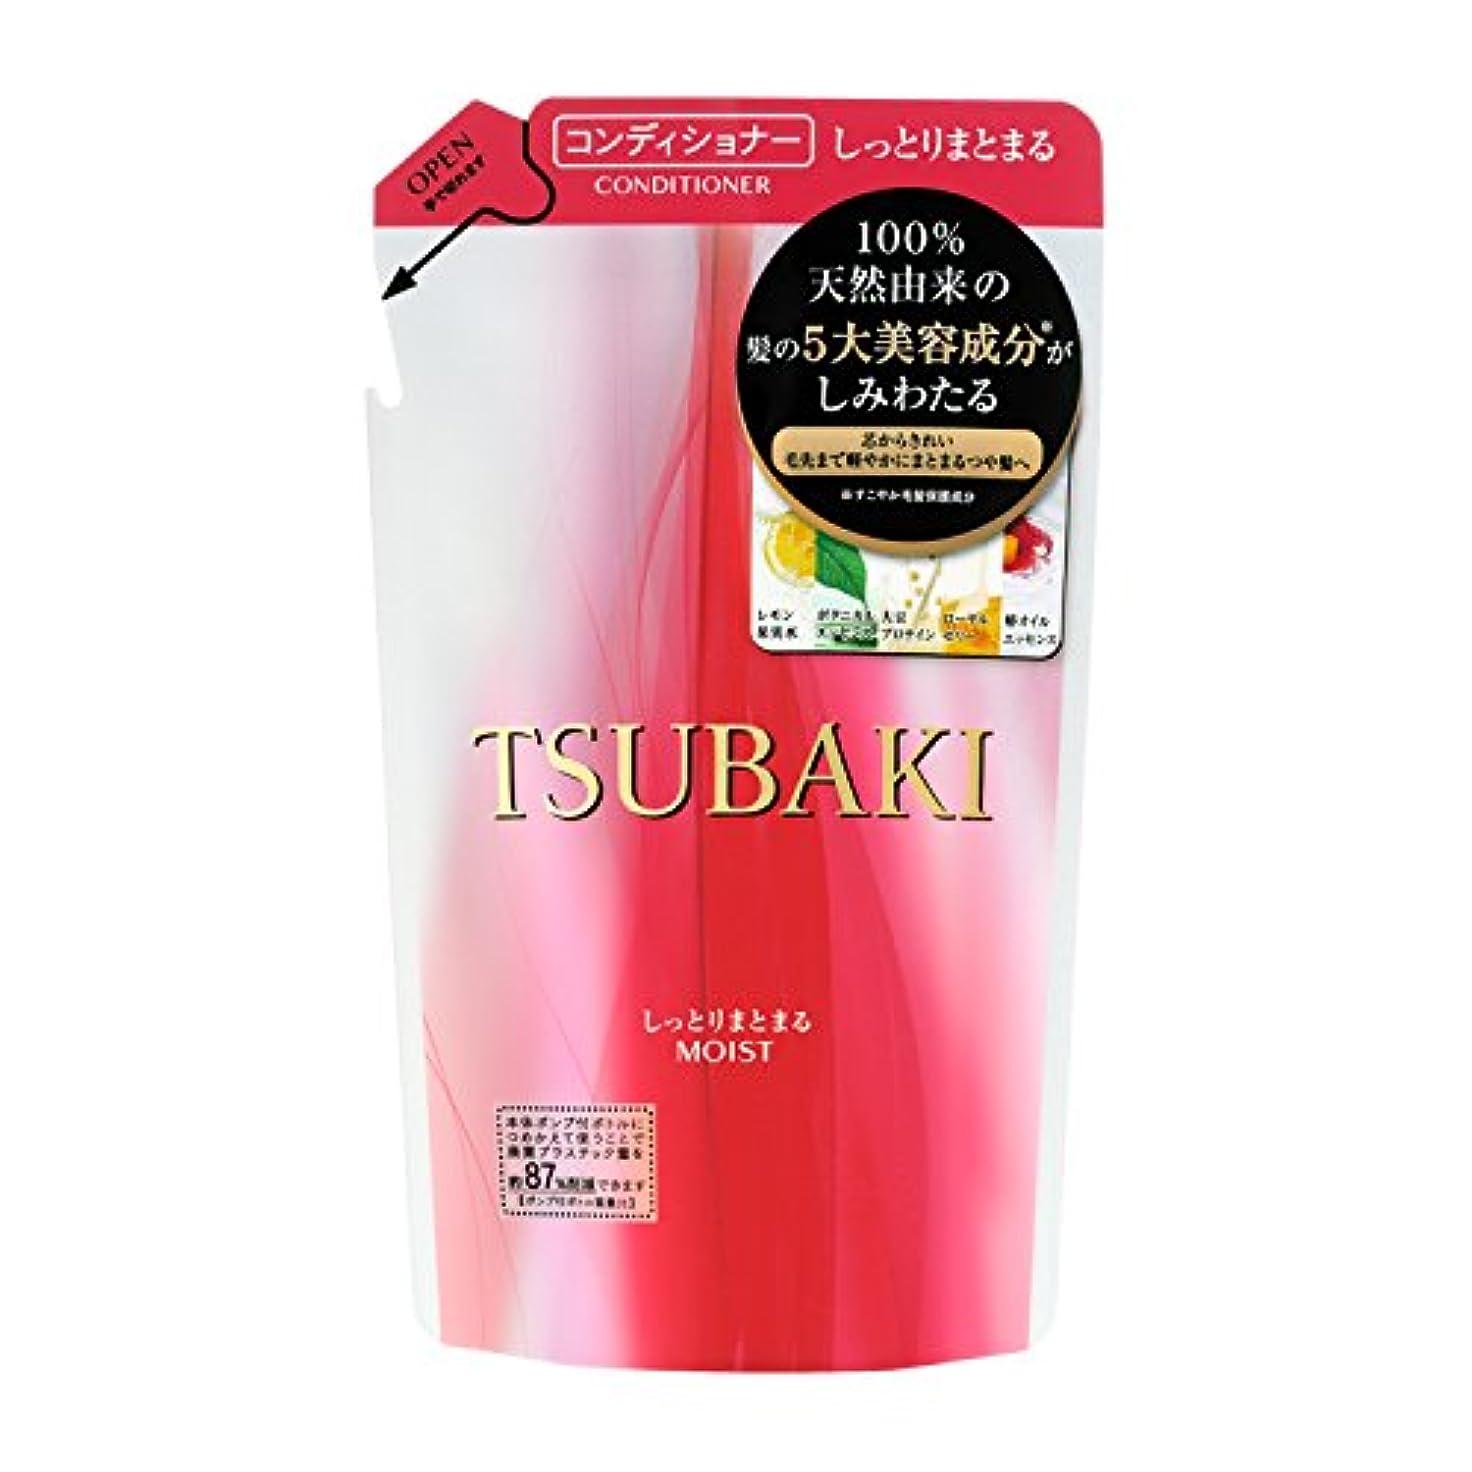 スチュワード酔った指定する資生堂 ツバキ (TSUBAKI)  しっとりまとまる ヘアコンディショナー つめかえ用 330mL